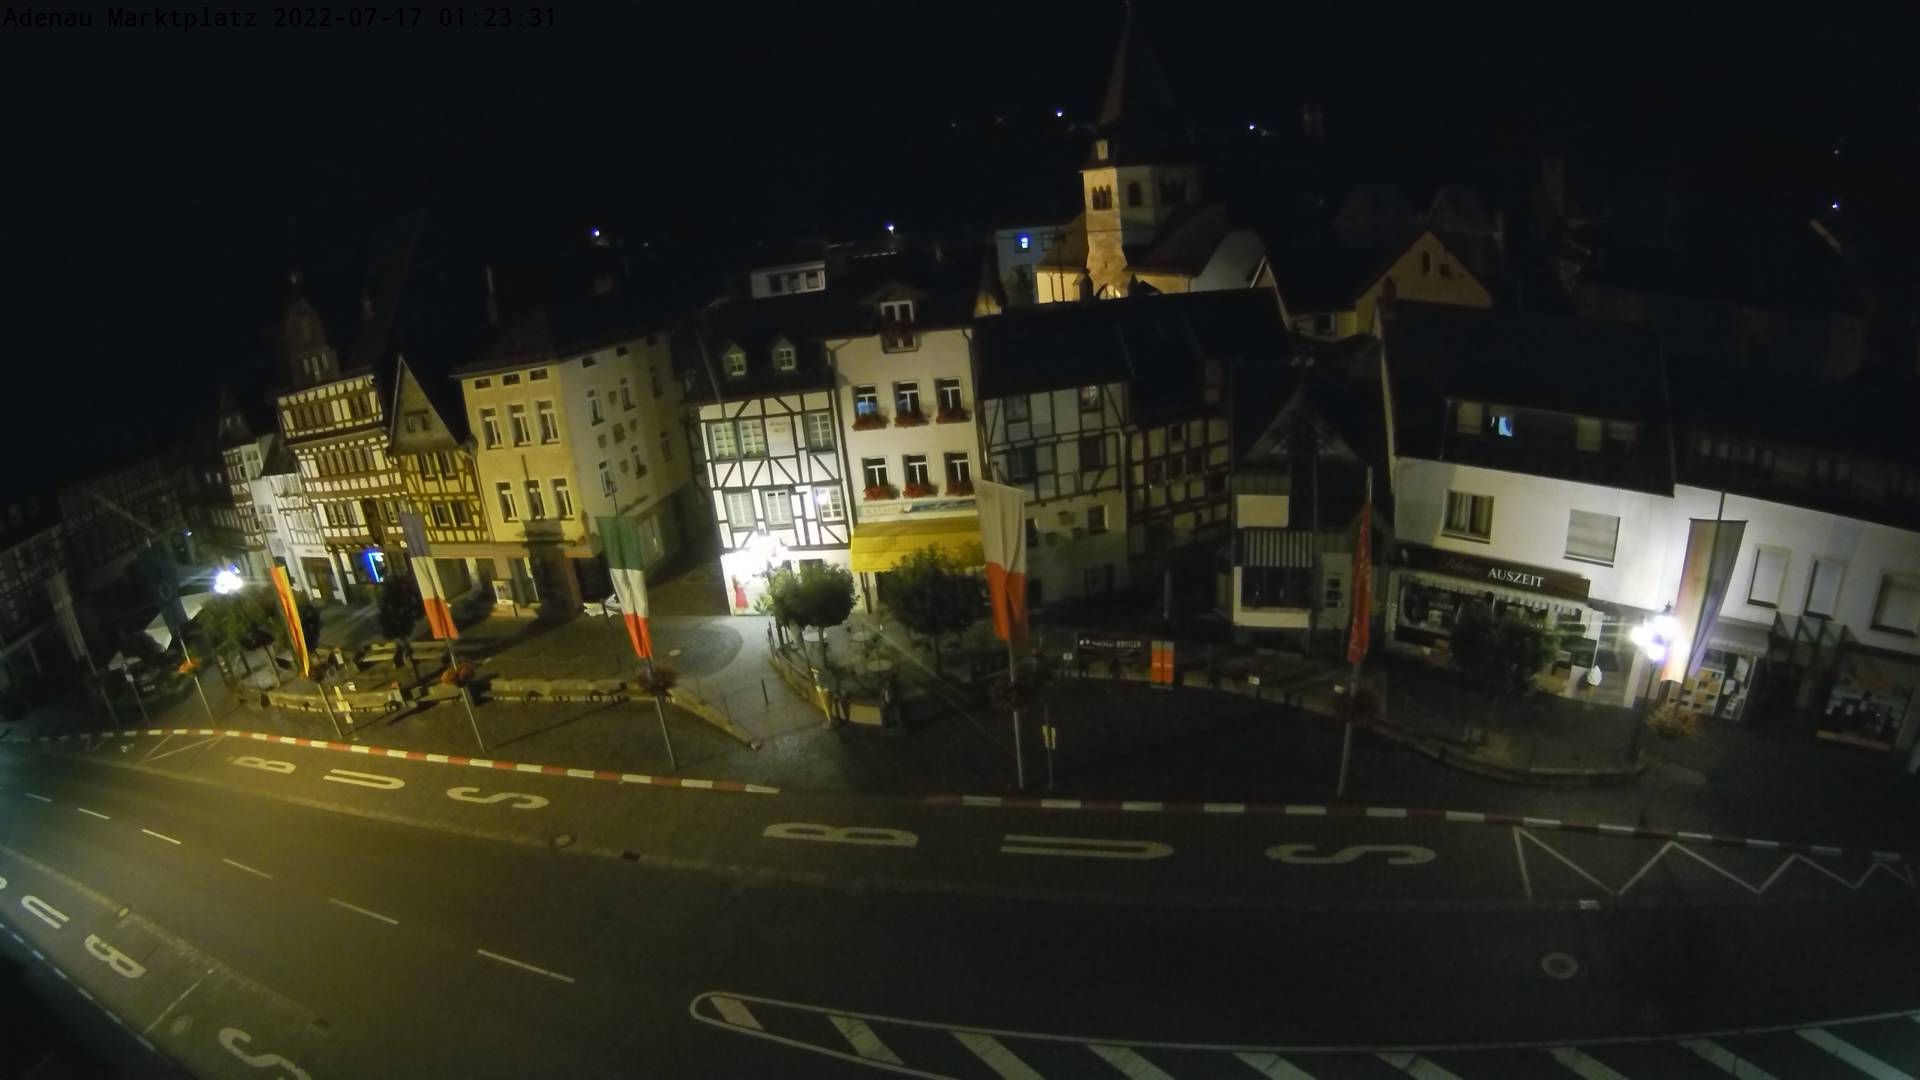 Adenau Sun. 01:30